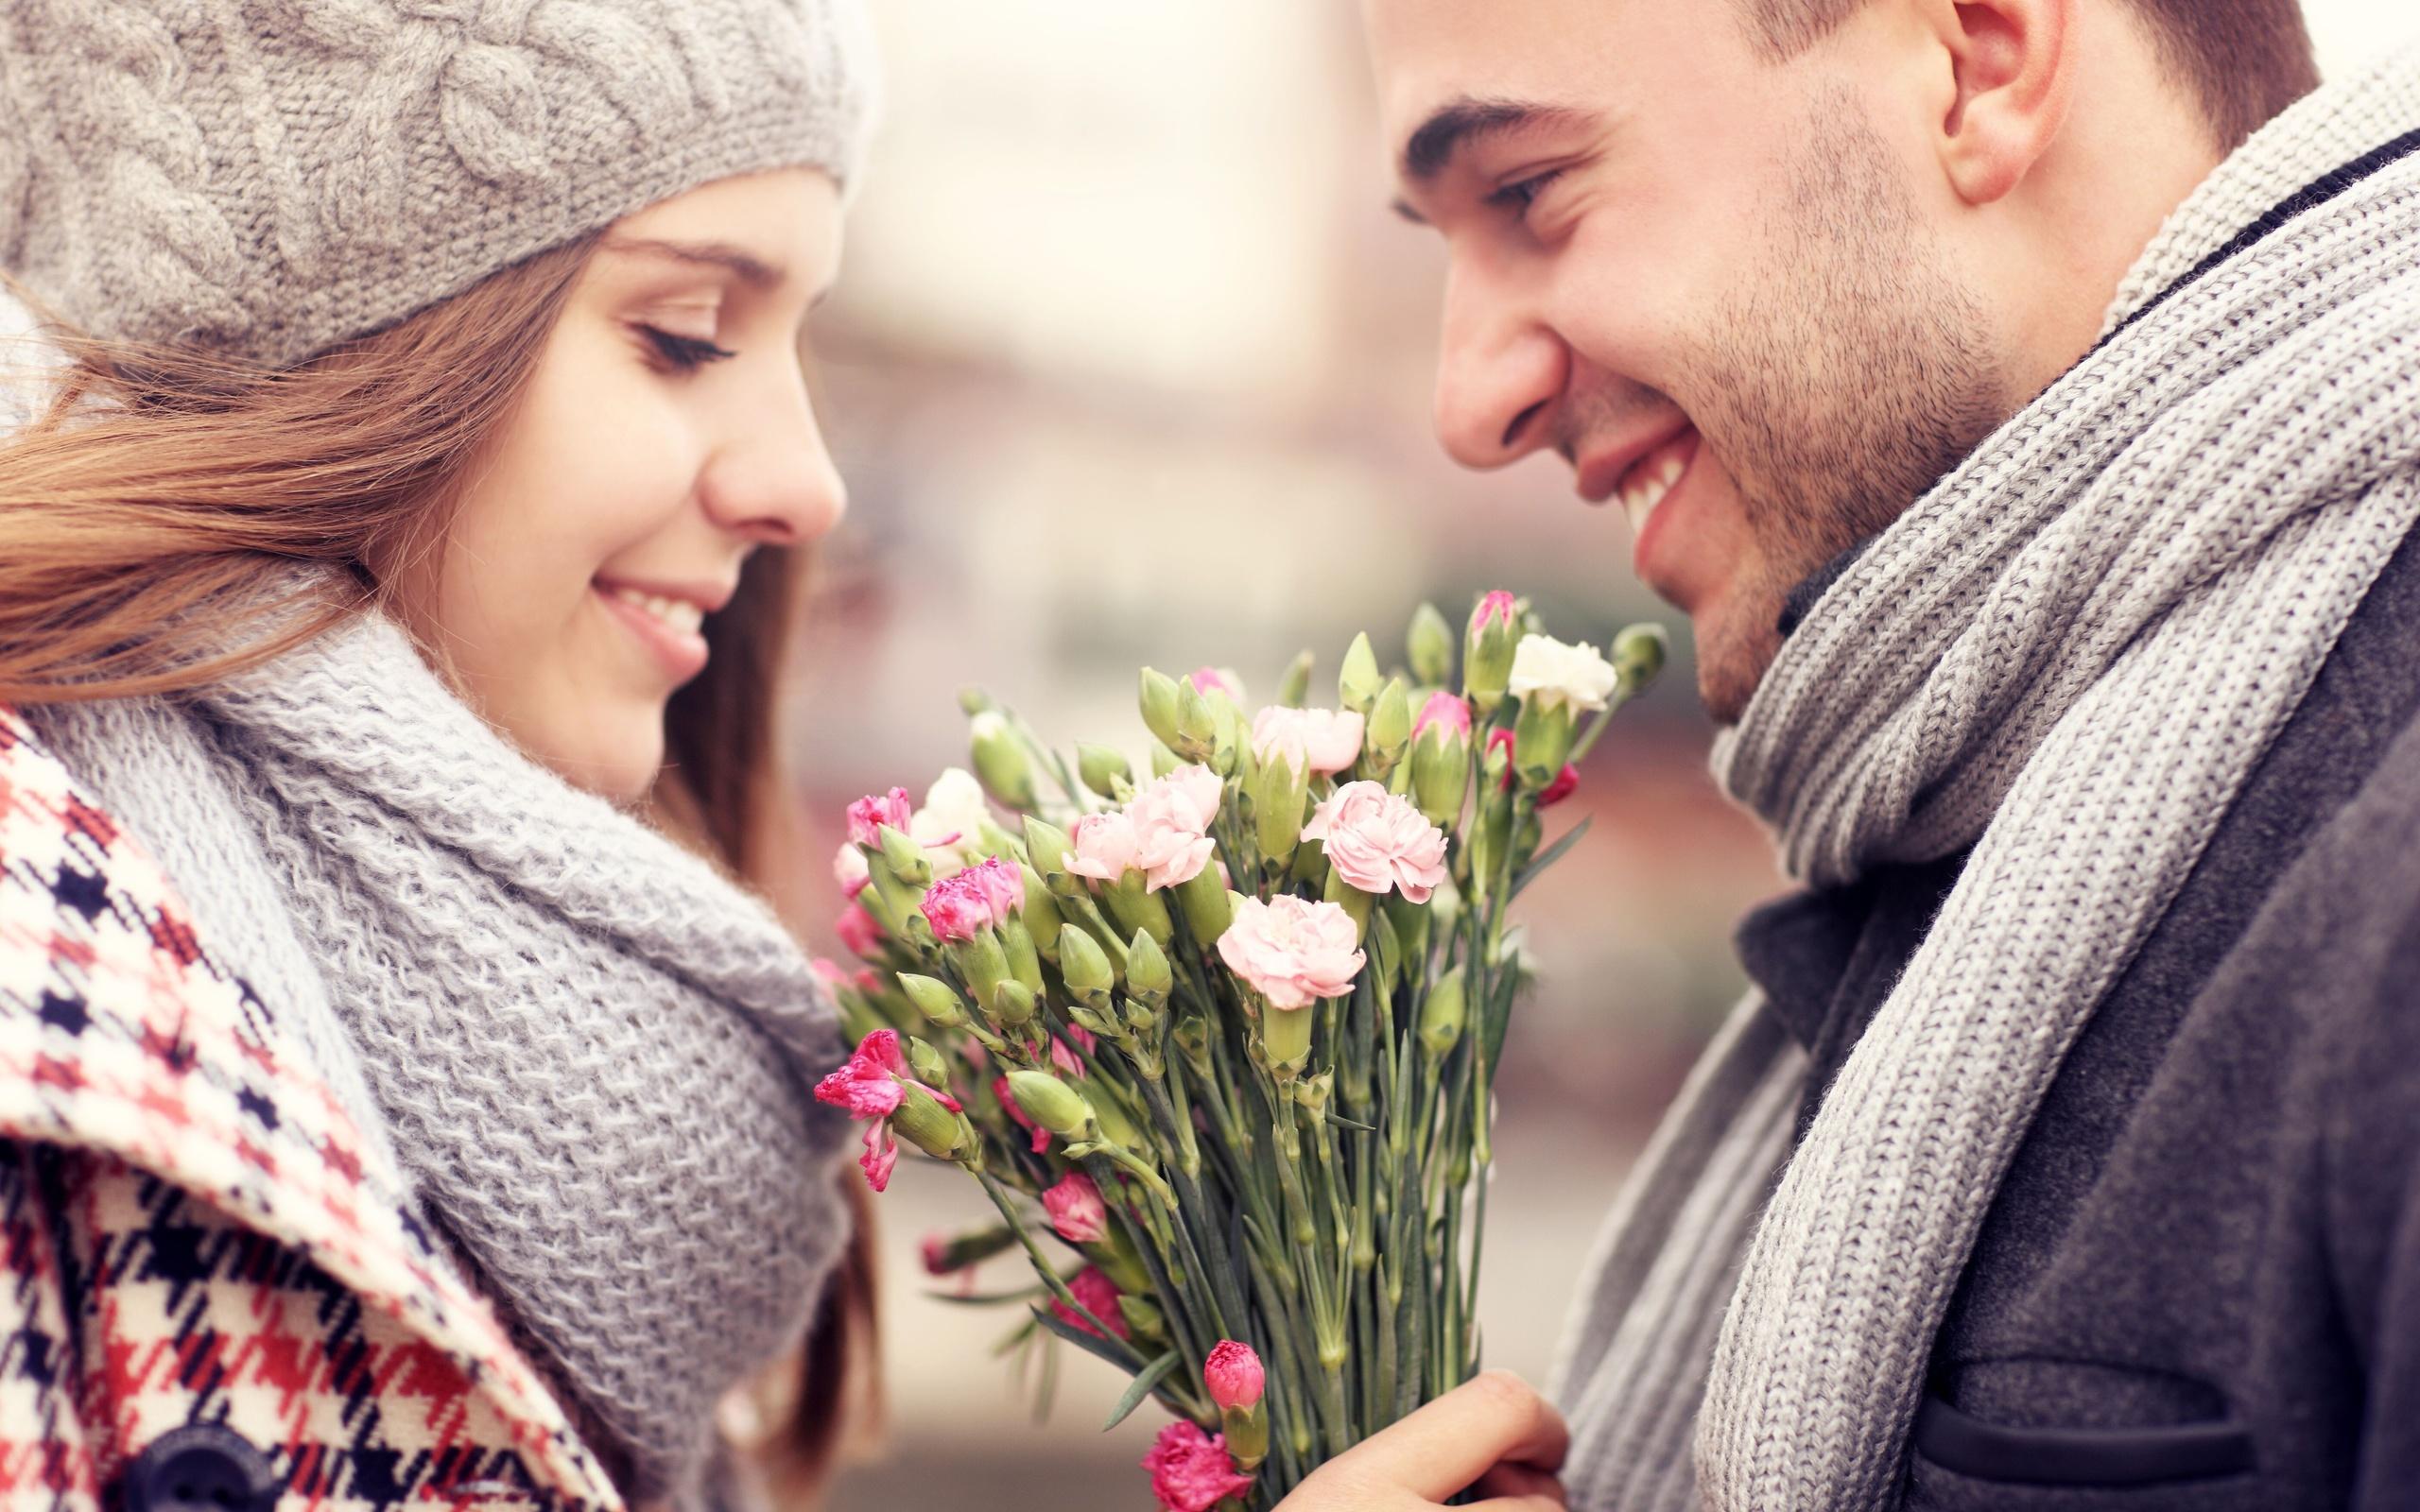 Картинки девушка с мужчиной красивые, открытки евро